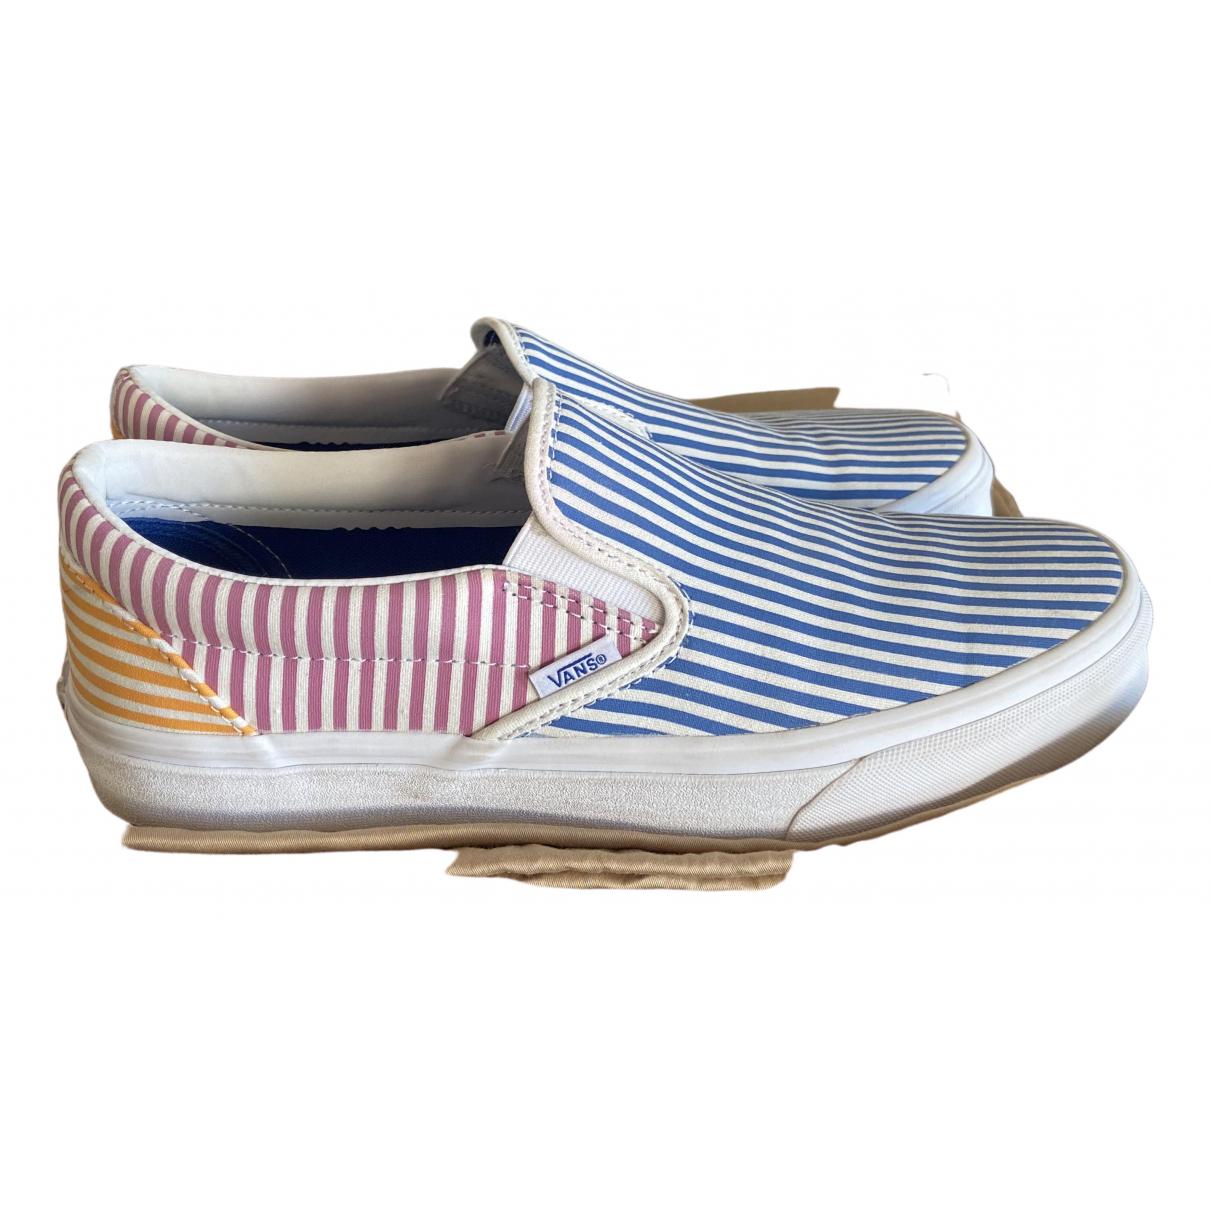 Vans - Baskets   pour homme en toile - multicolore